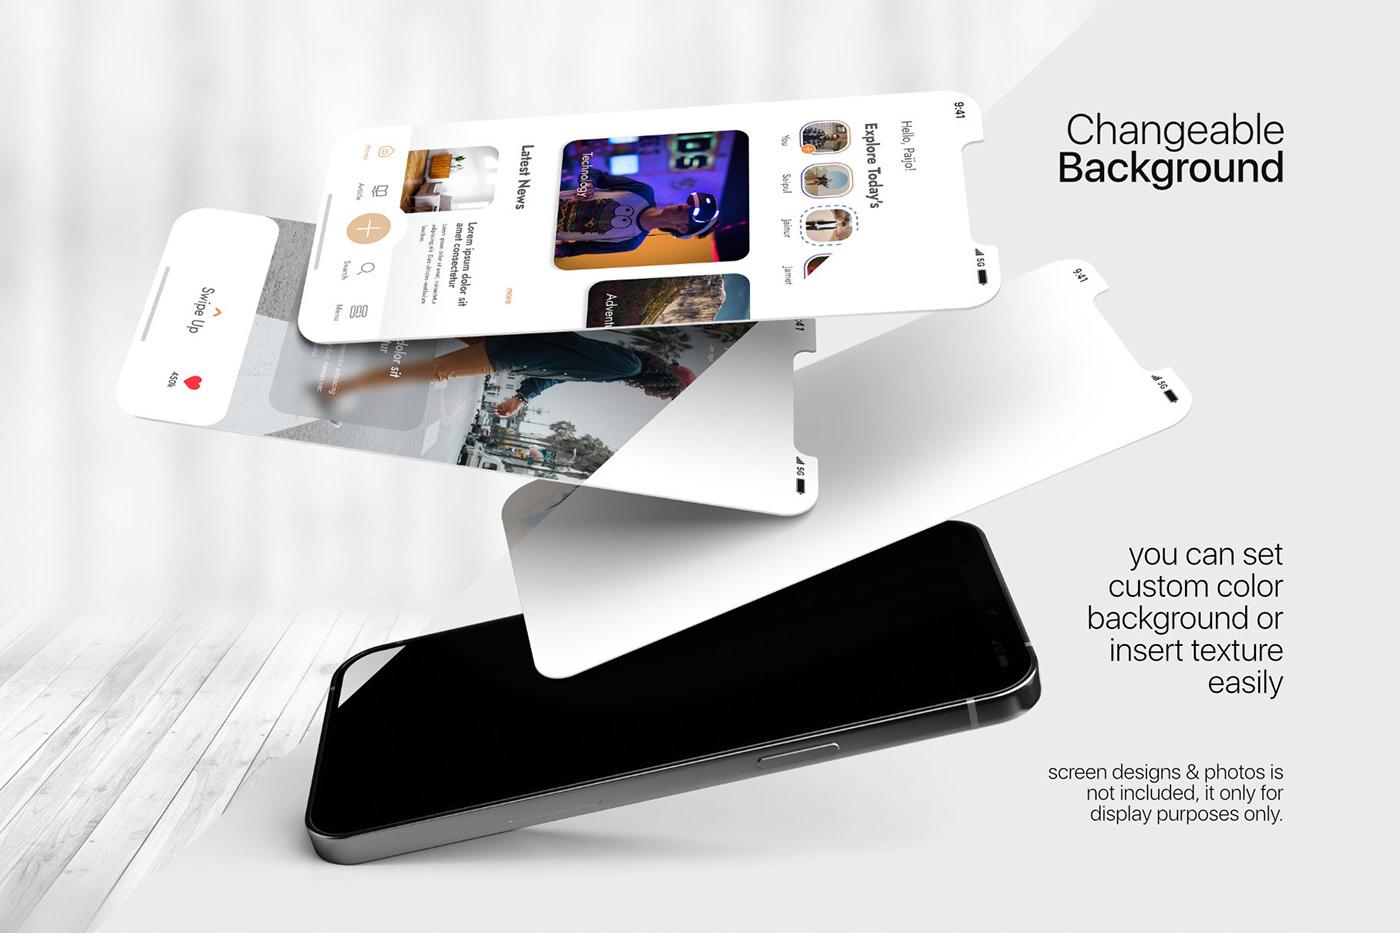 15个自适应网页APP界面设计苹果设备屏幕演示样机模板 UI/UX App Presentation – Phone & Notebook Mockup插图2